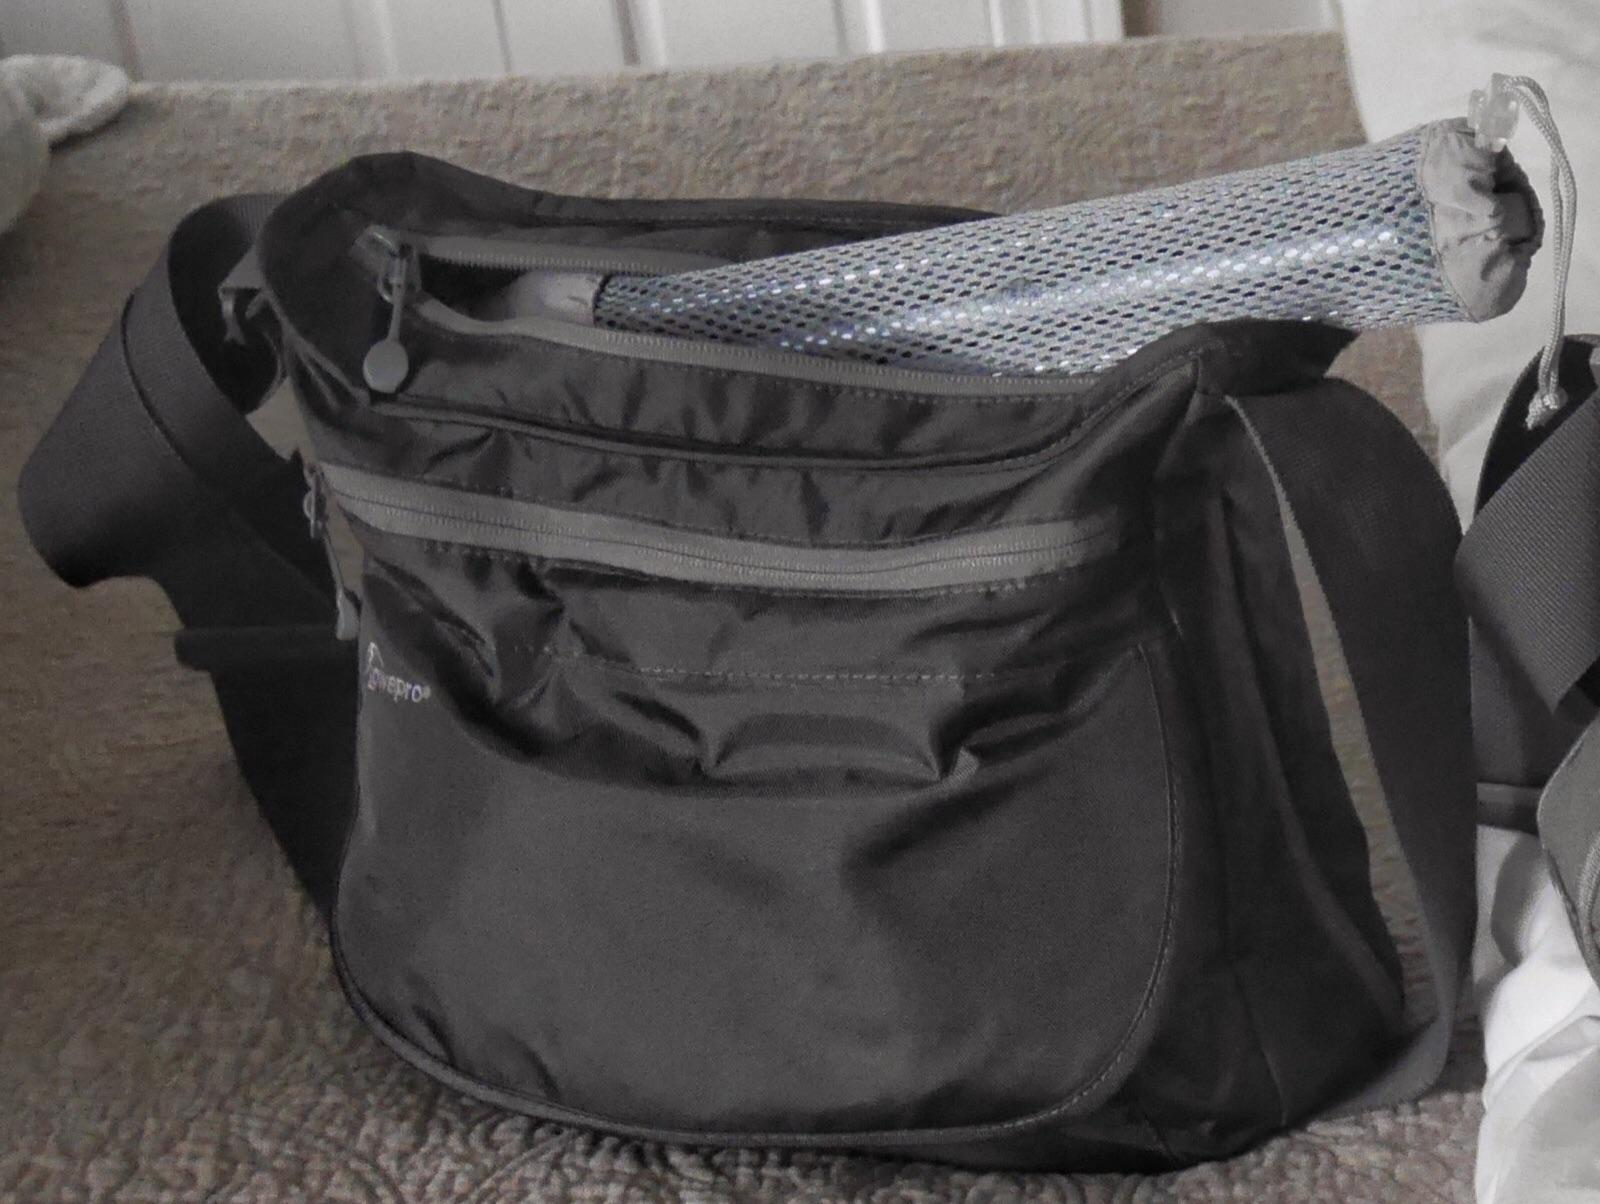 My small Lowepro Streamline 250 bag